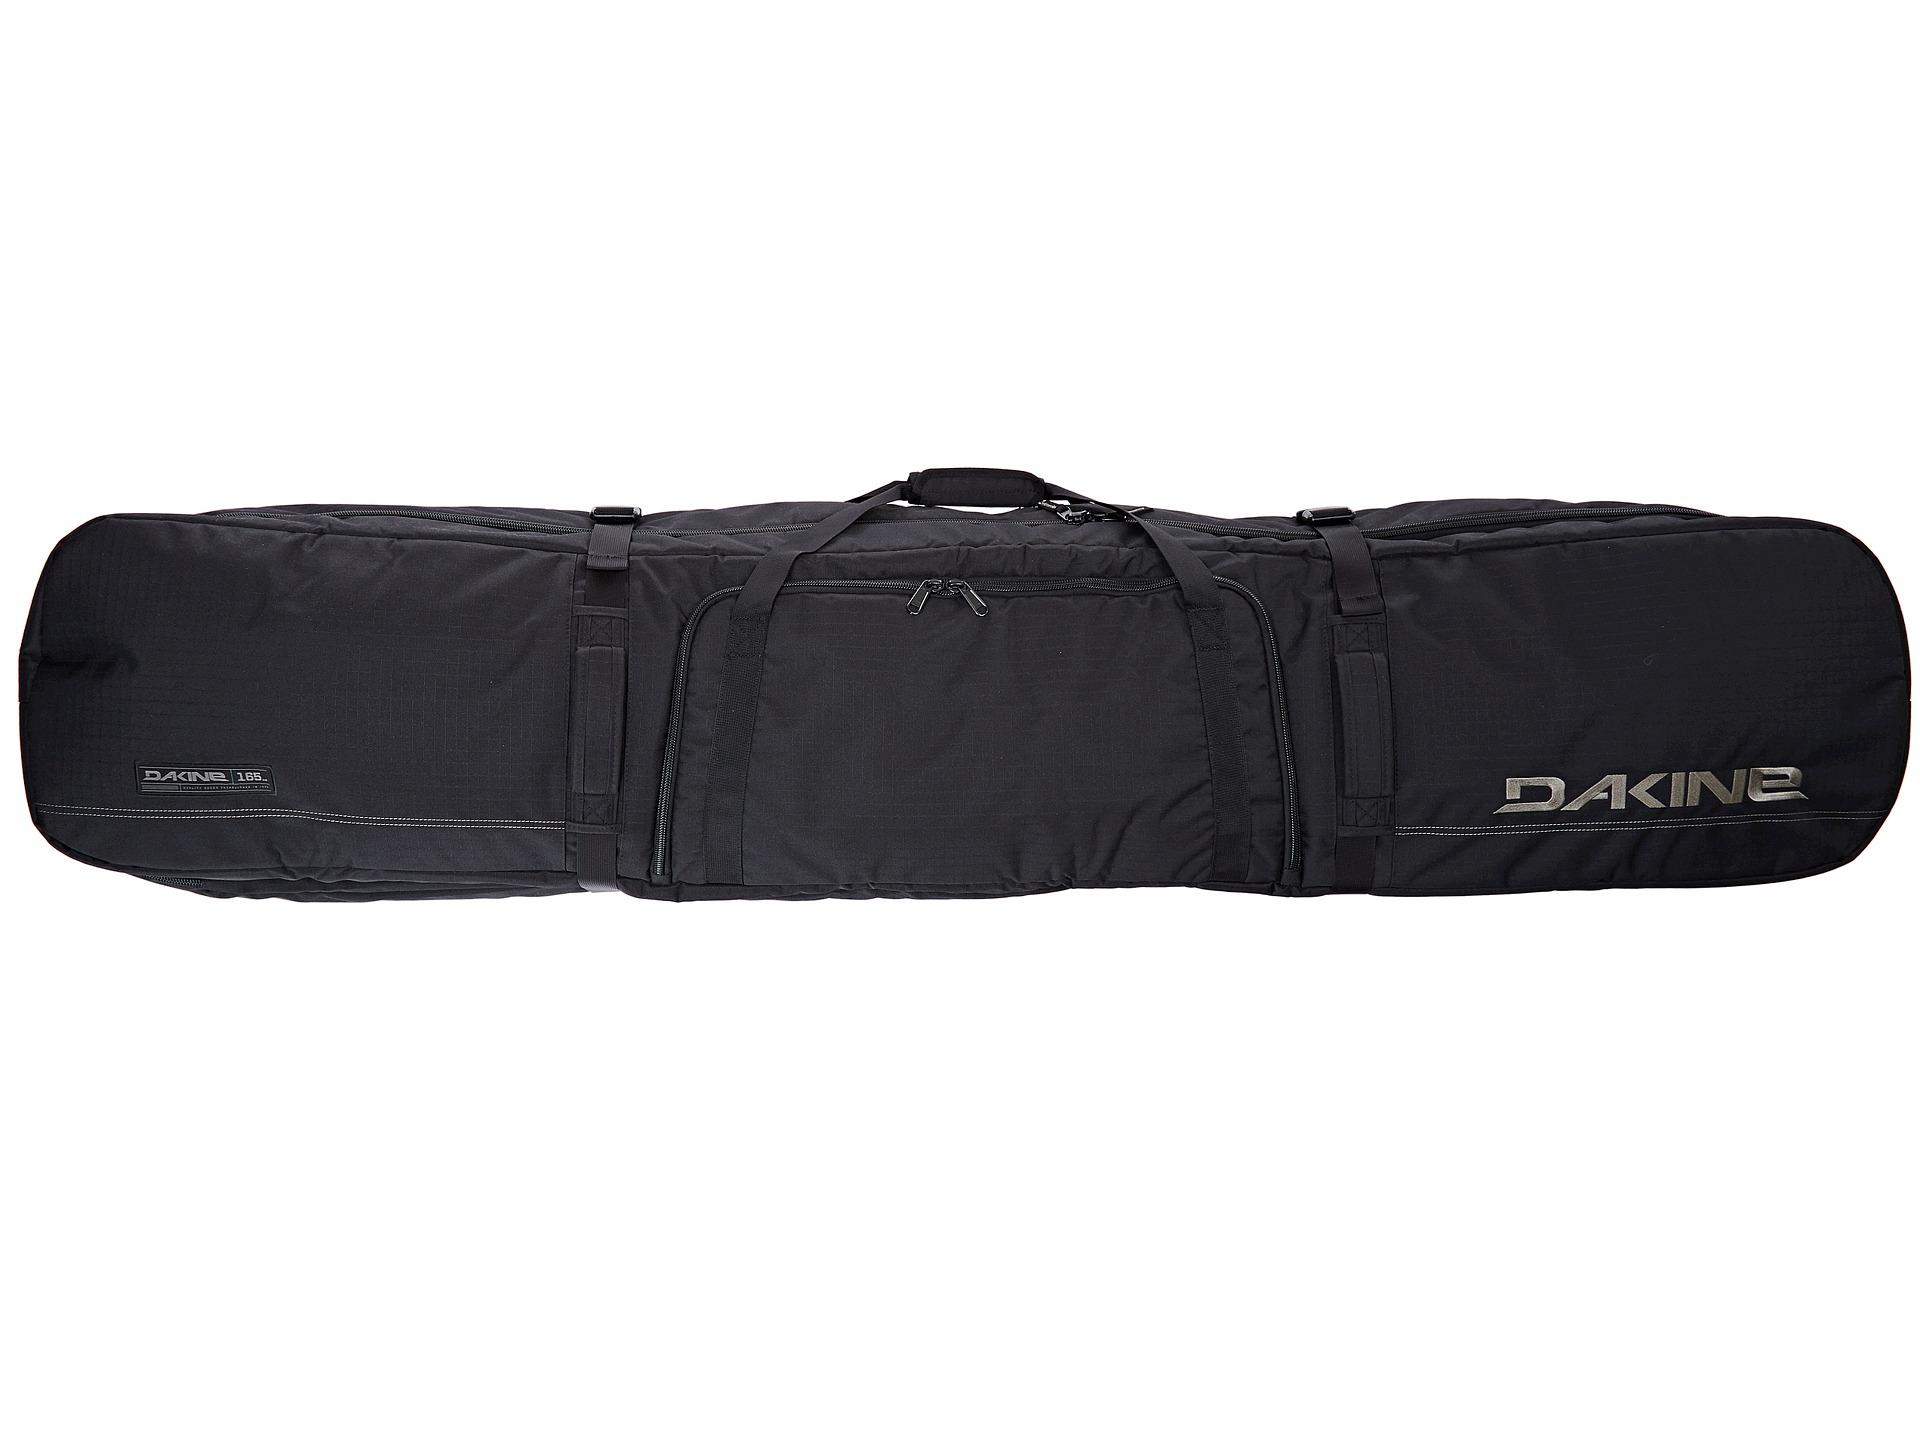 81c86e2fcb Dakine High Roller Board Bag 165 Cm on PopScreen